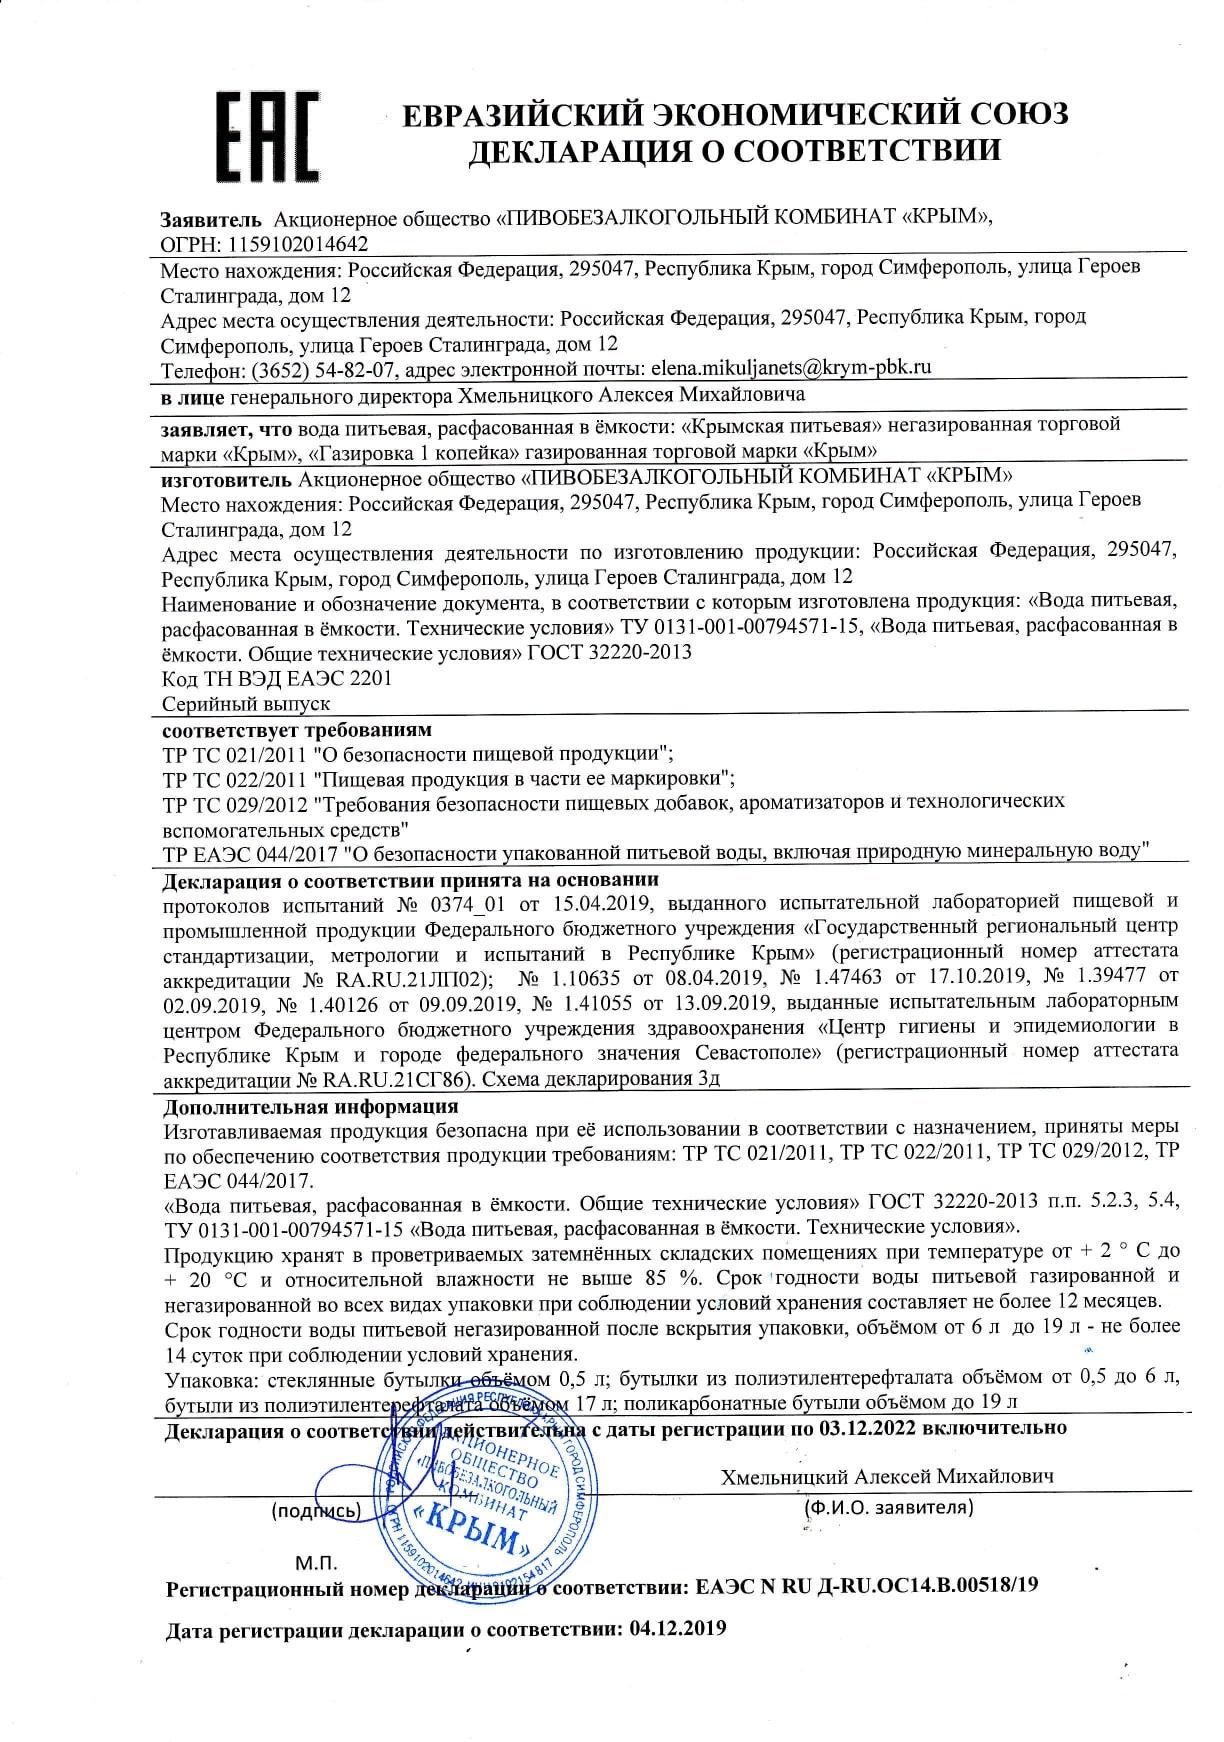 Декларация о соответствии воды «Крымская питьевая» требованиям нормативных актов Таможенного Союза